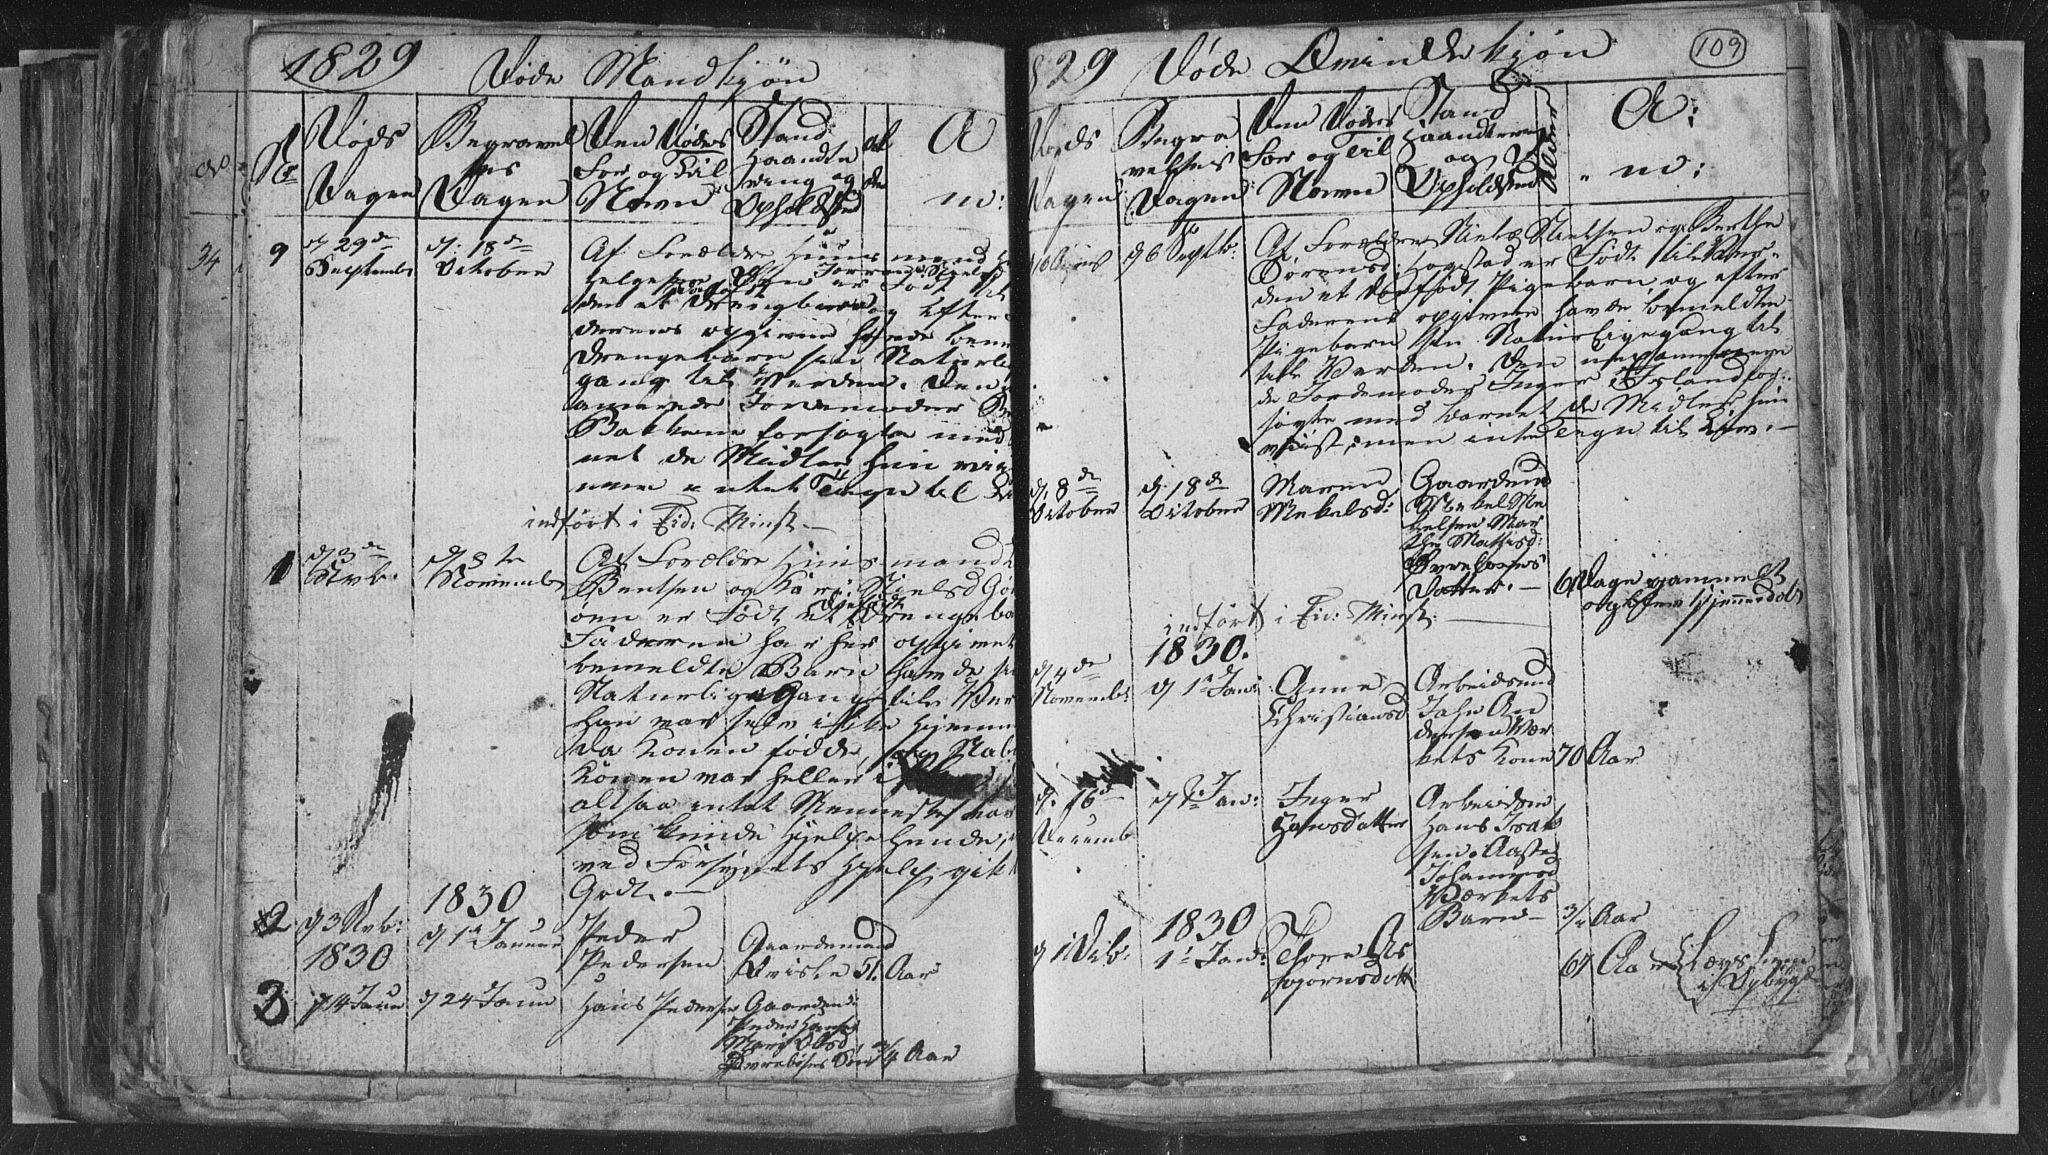 SAKO, Siljan kirkebøker, G/Ga/L0001: Klokkerbok nr. 1, 1827-1847, s. 109